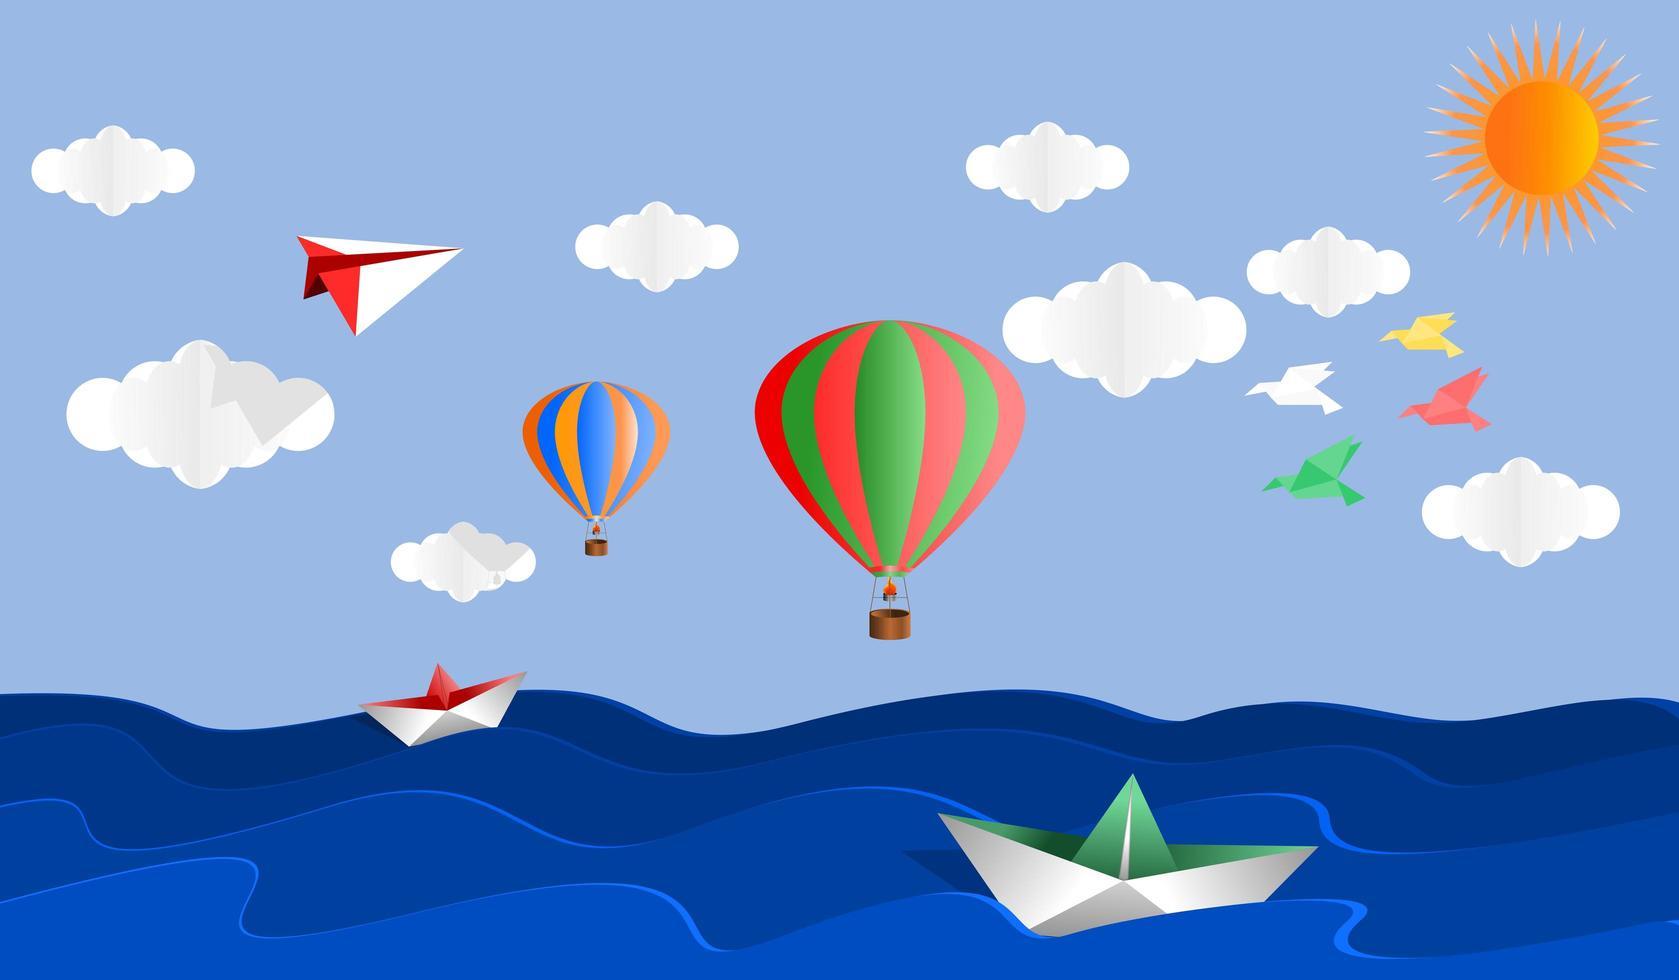 origami papper konst ballonger och marinmålning vektor